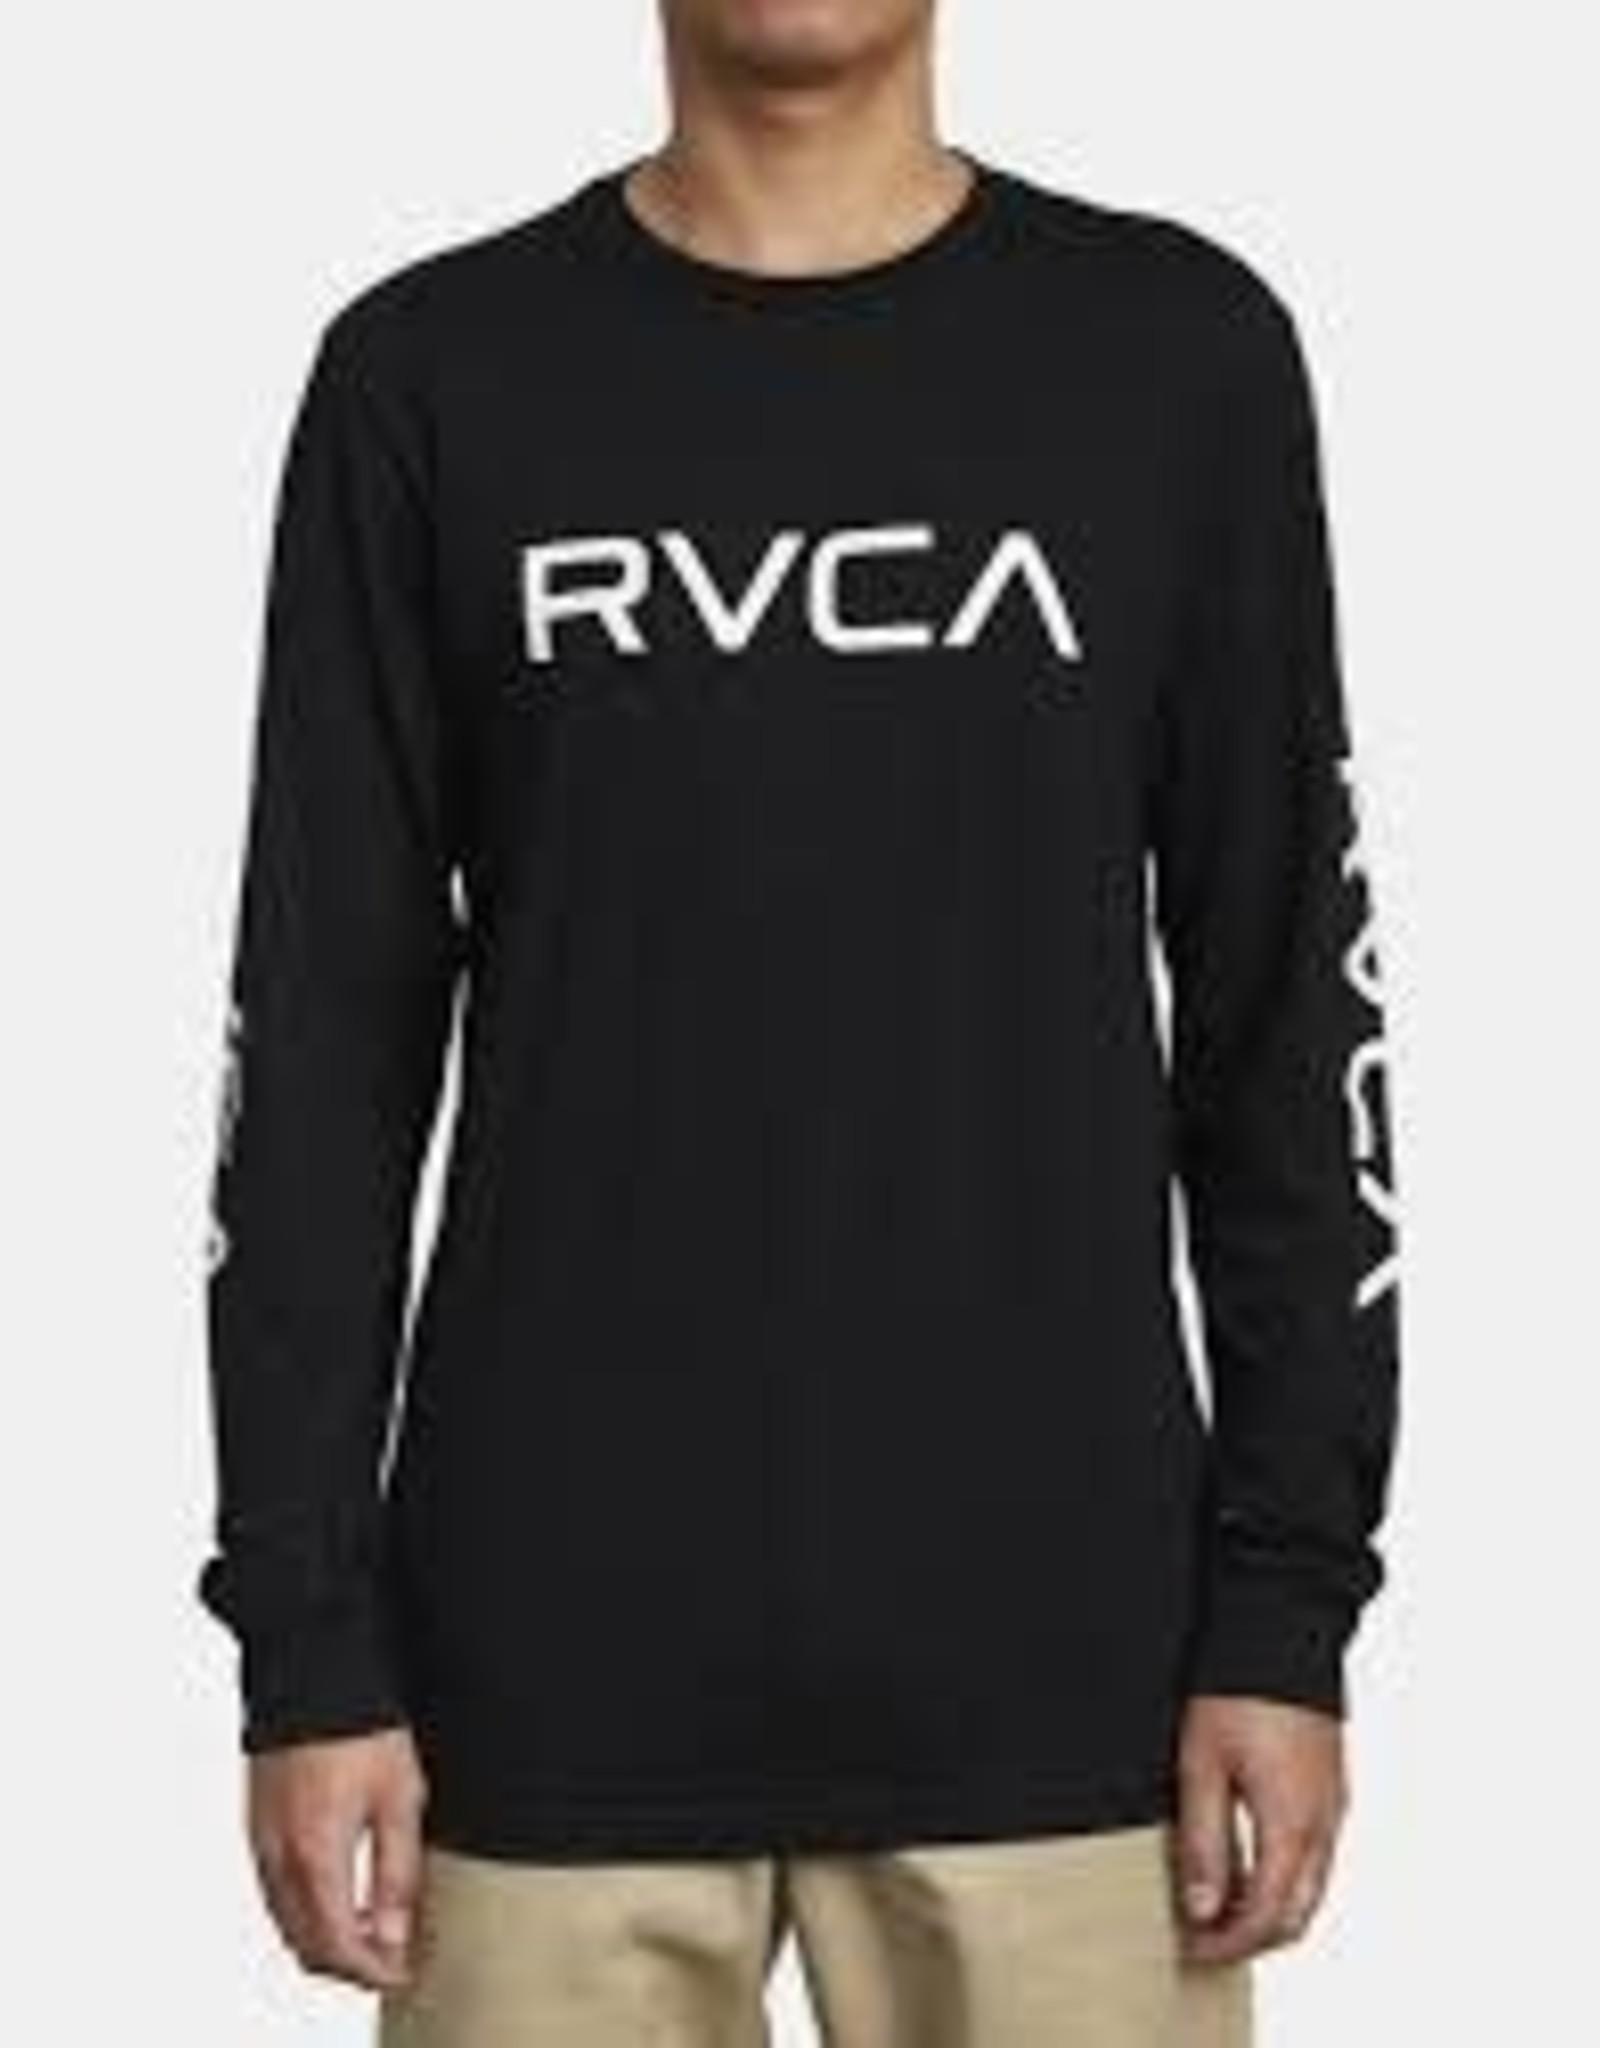 RVCA Boys RVCA L/S Tee Big RVCA Black Lrg